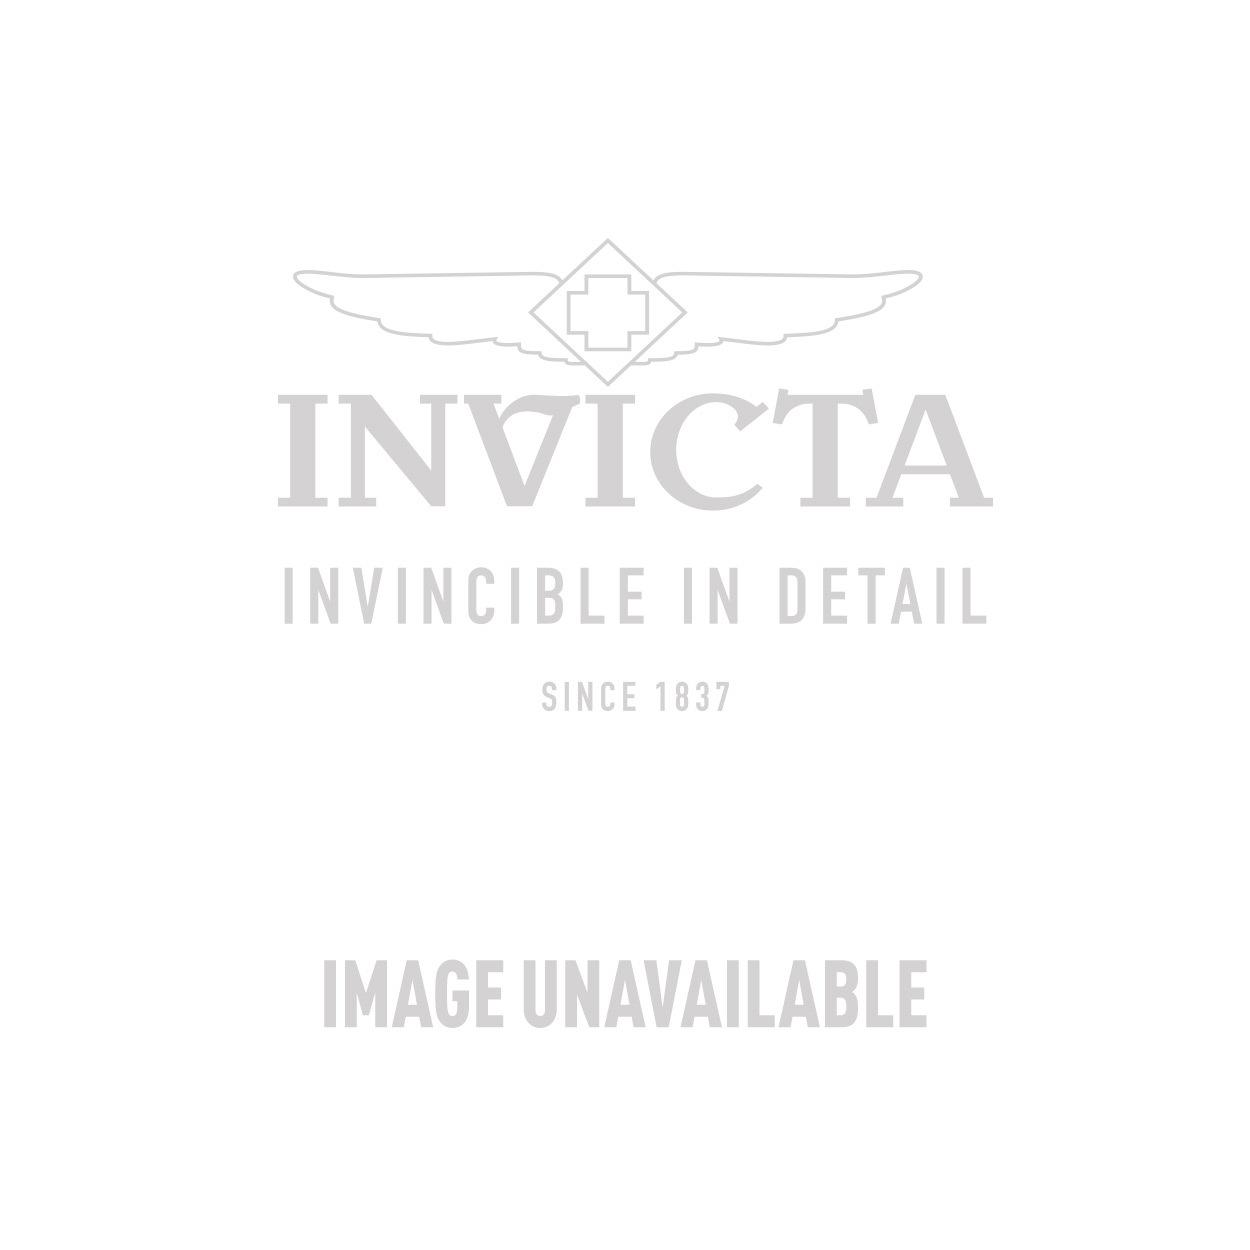 Invicta Model 24513